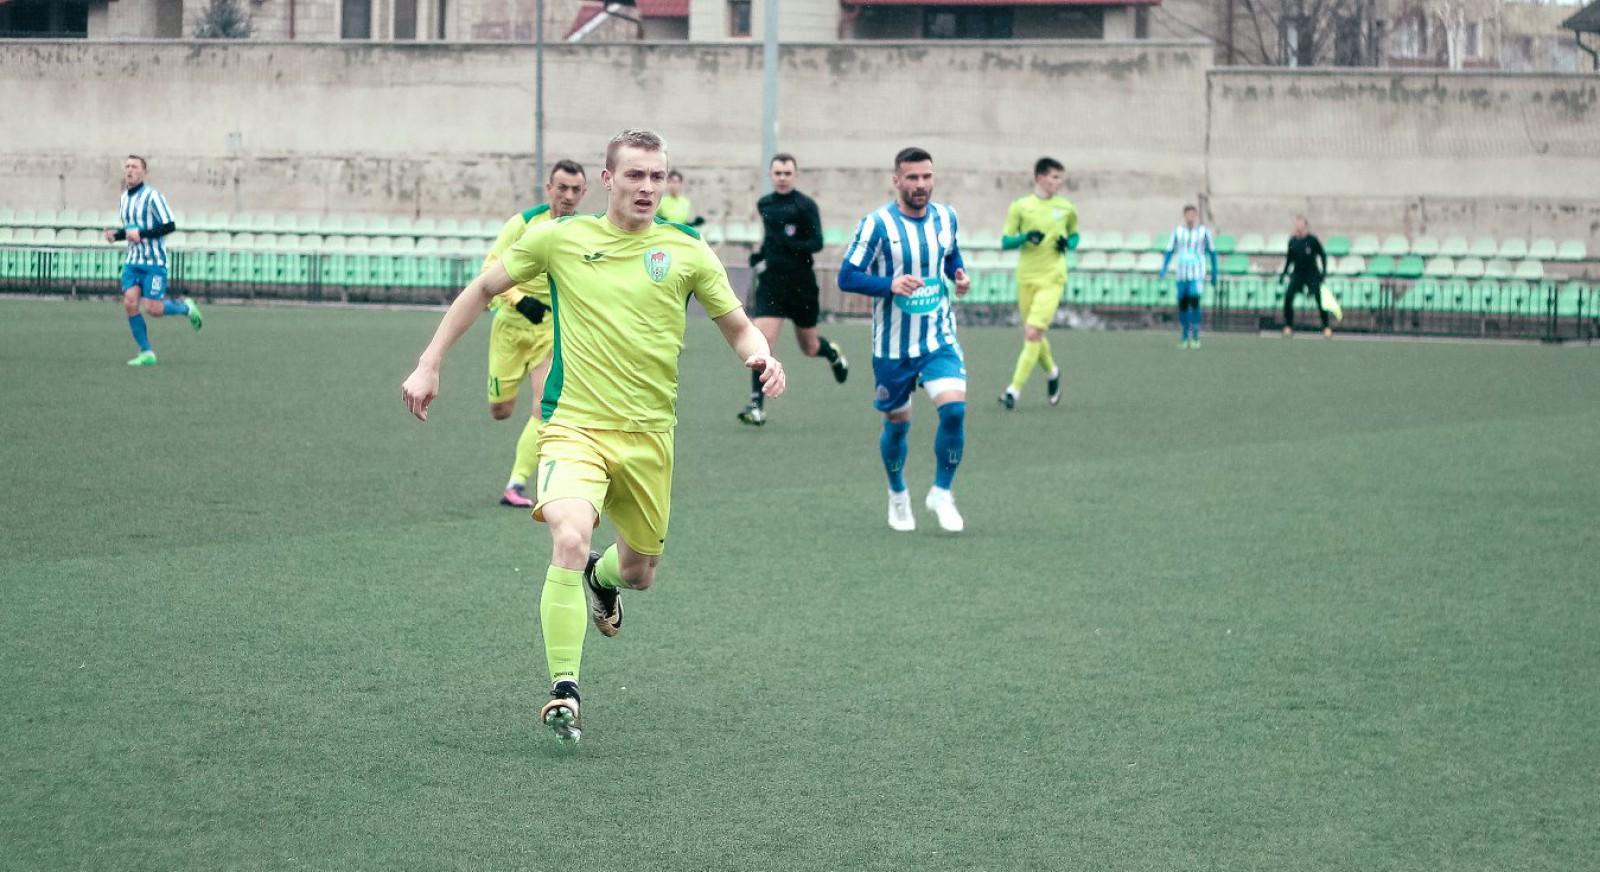 (video) FC Zimbru 2-0 FC Bukovina: Galben-verzii continuă pregătirile pentru noul sezon de campionat